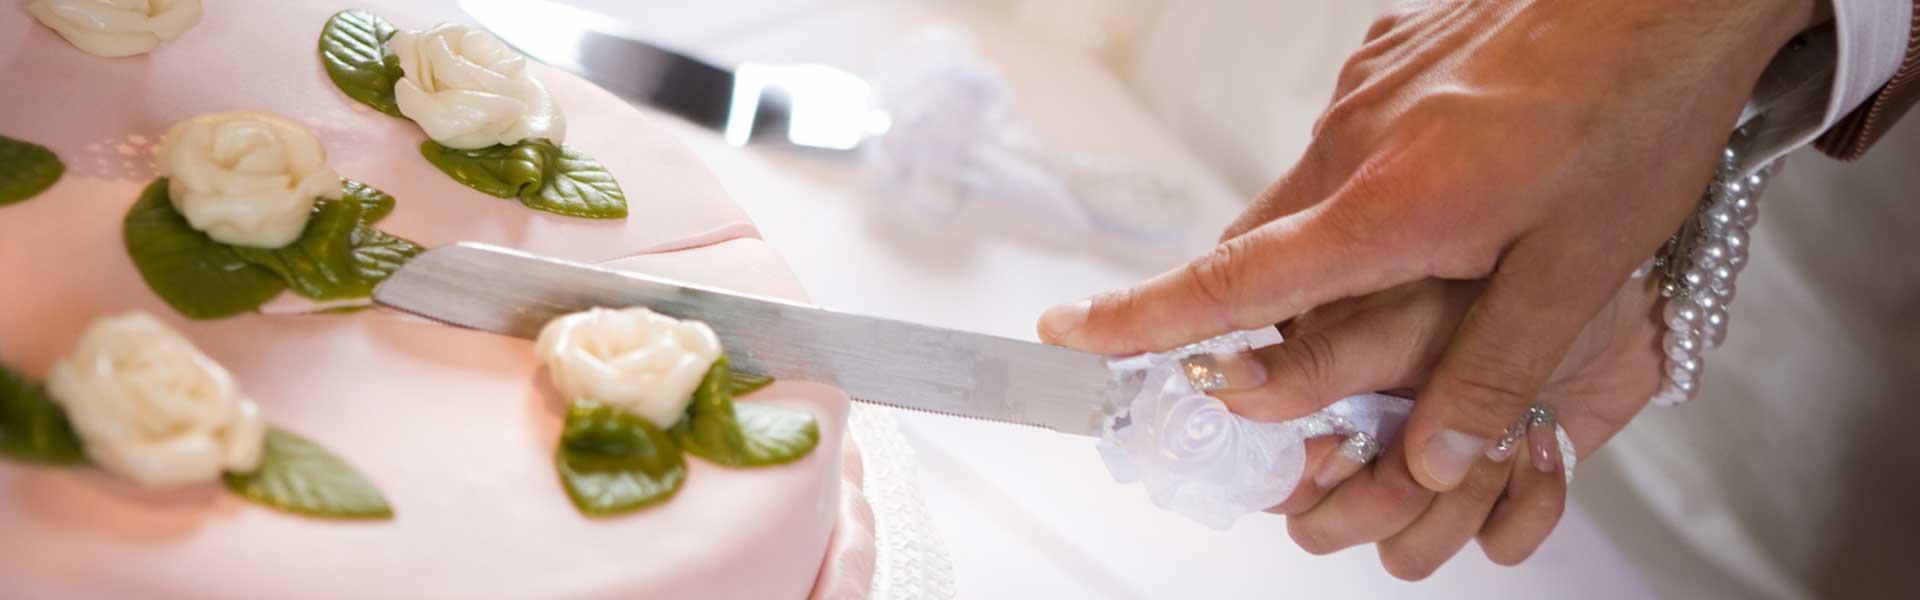 Couple slicing wedding cake